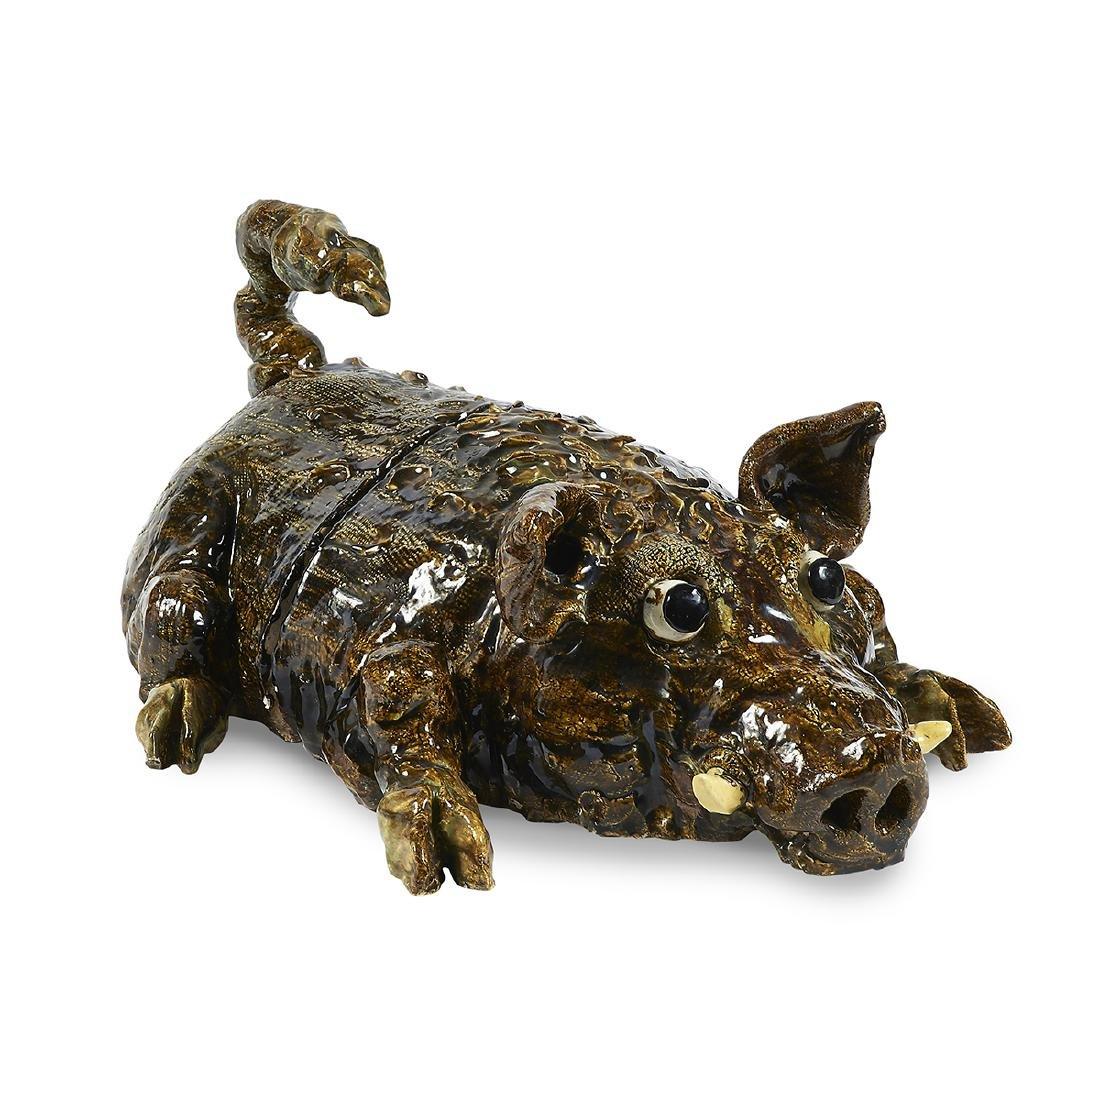 David Gilhooly, Wart Hog